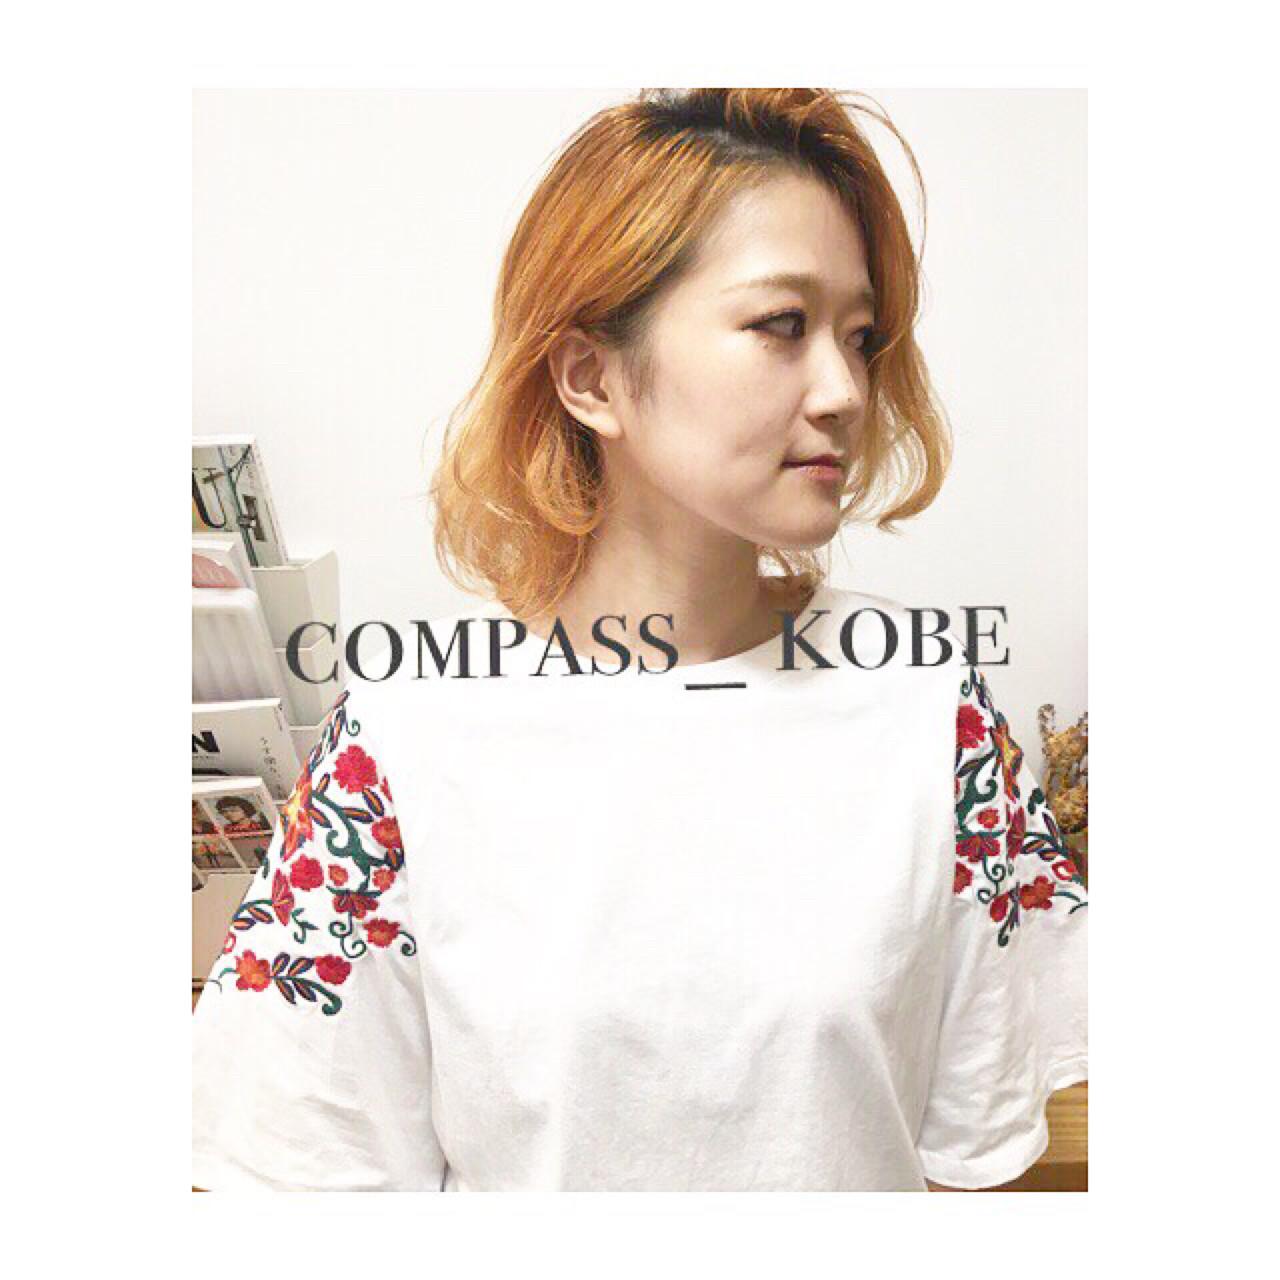 ワイドバング ボブ 外ハネ こなれ感 ヘアスタイルや髪型の写真・画像 | COM PASS 太一 / COM PASS